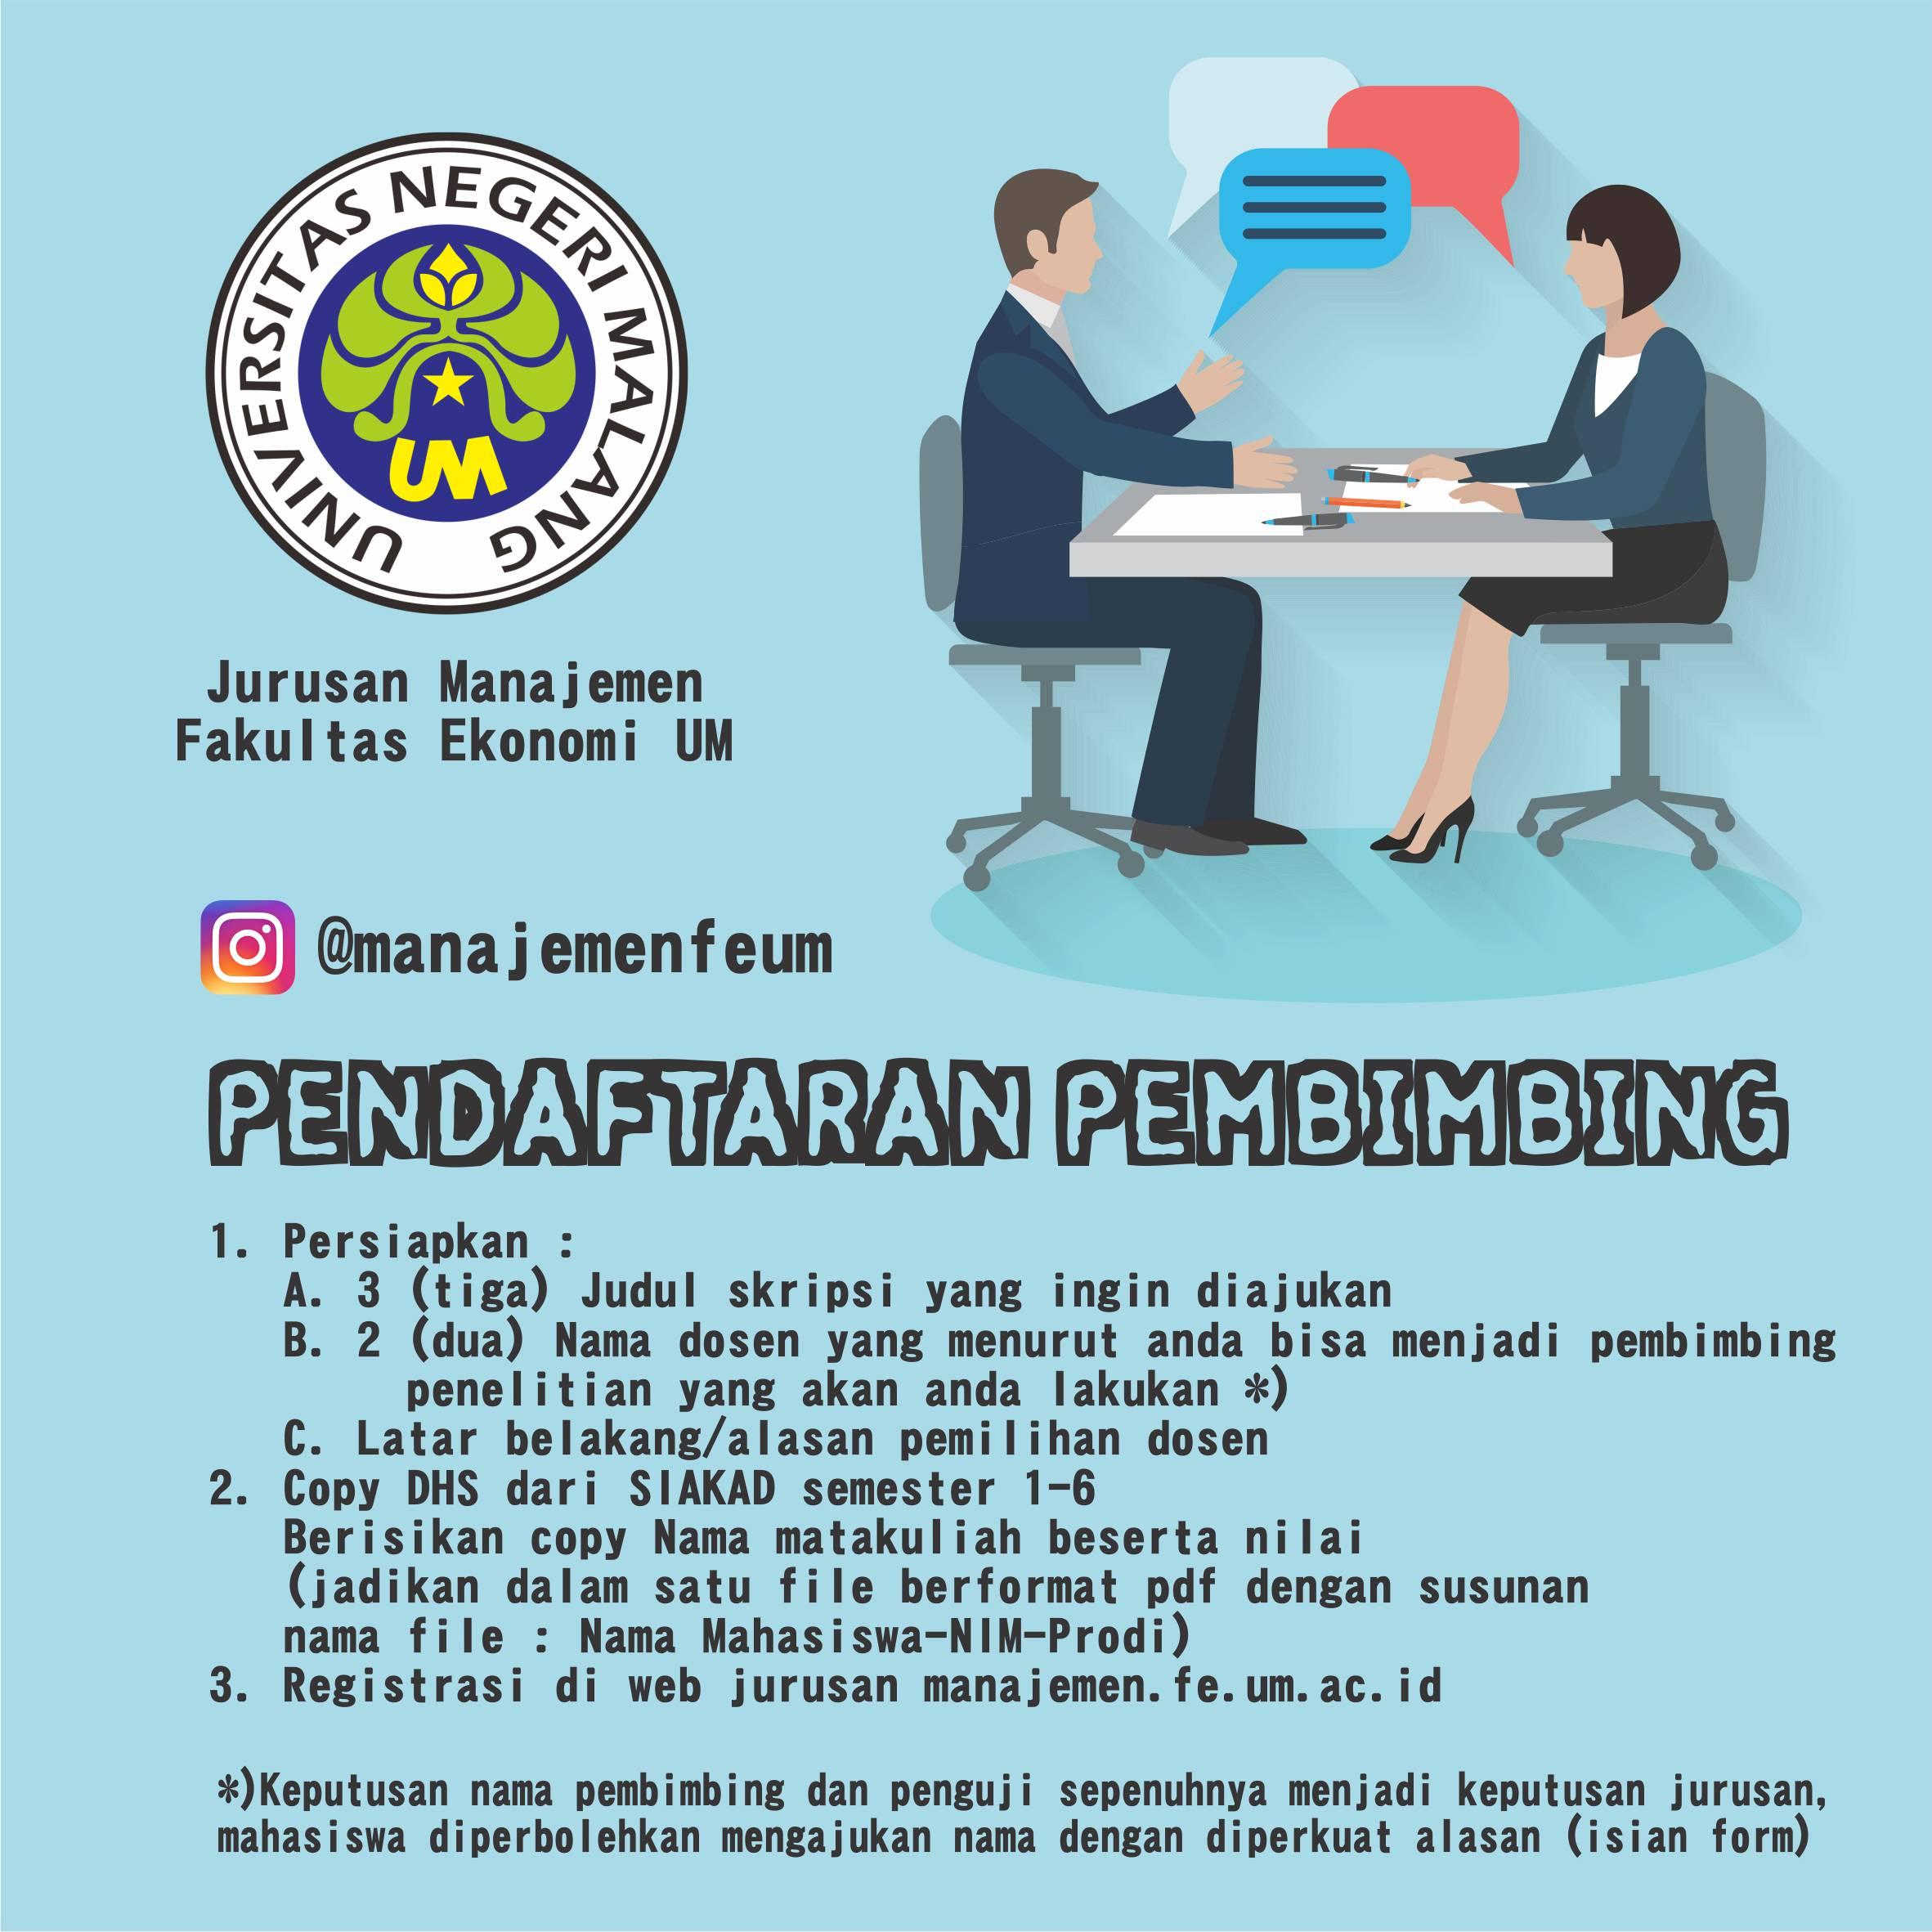 Pendaftaran Pembimbing Skripsi Jurusan Manajemen